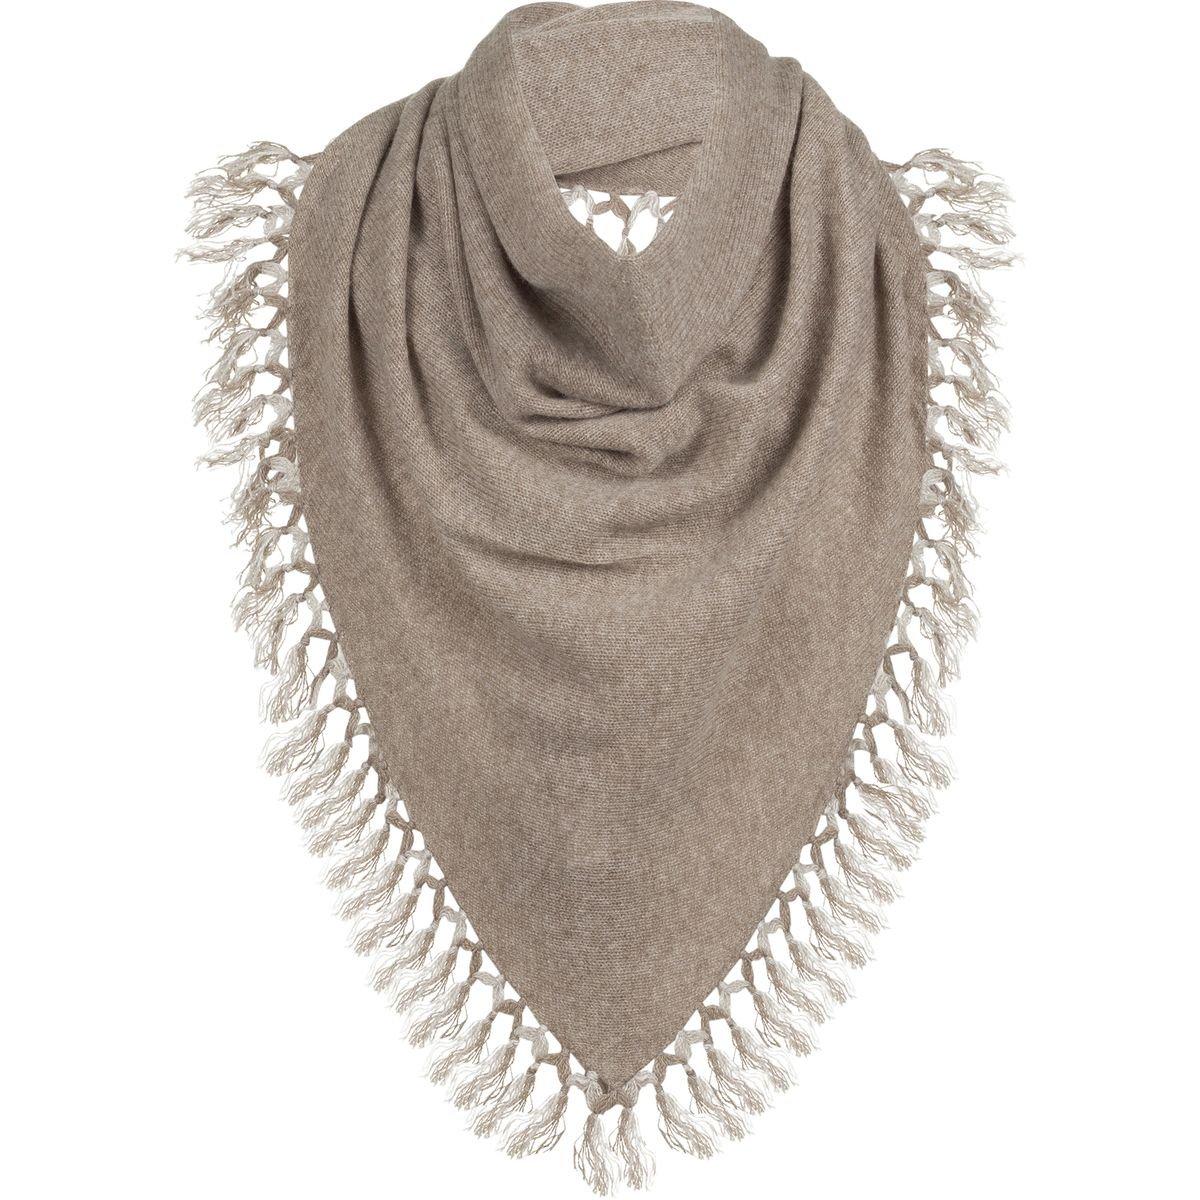 White + Warren Tassel Triangle Scarf - Women's Mocha/Sand, One Size